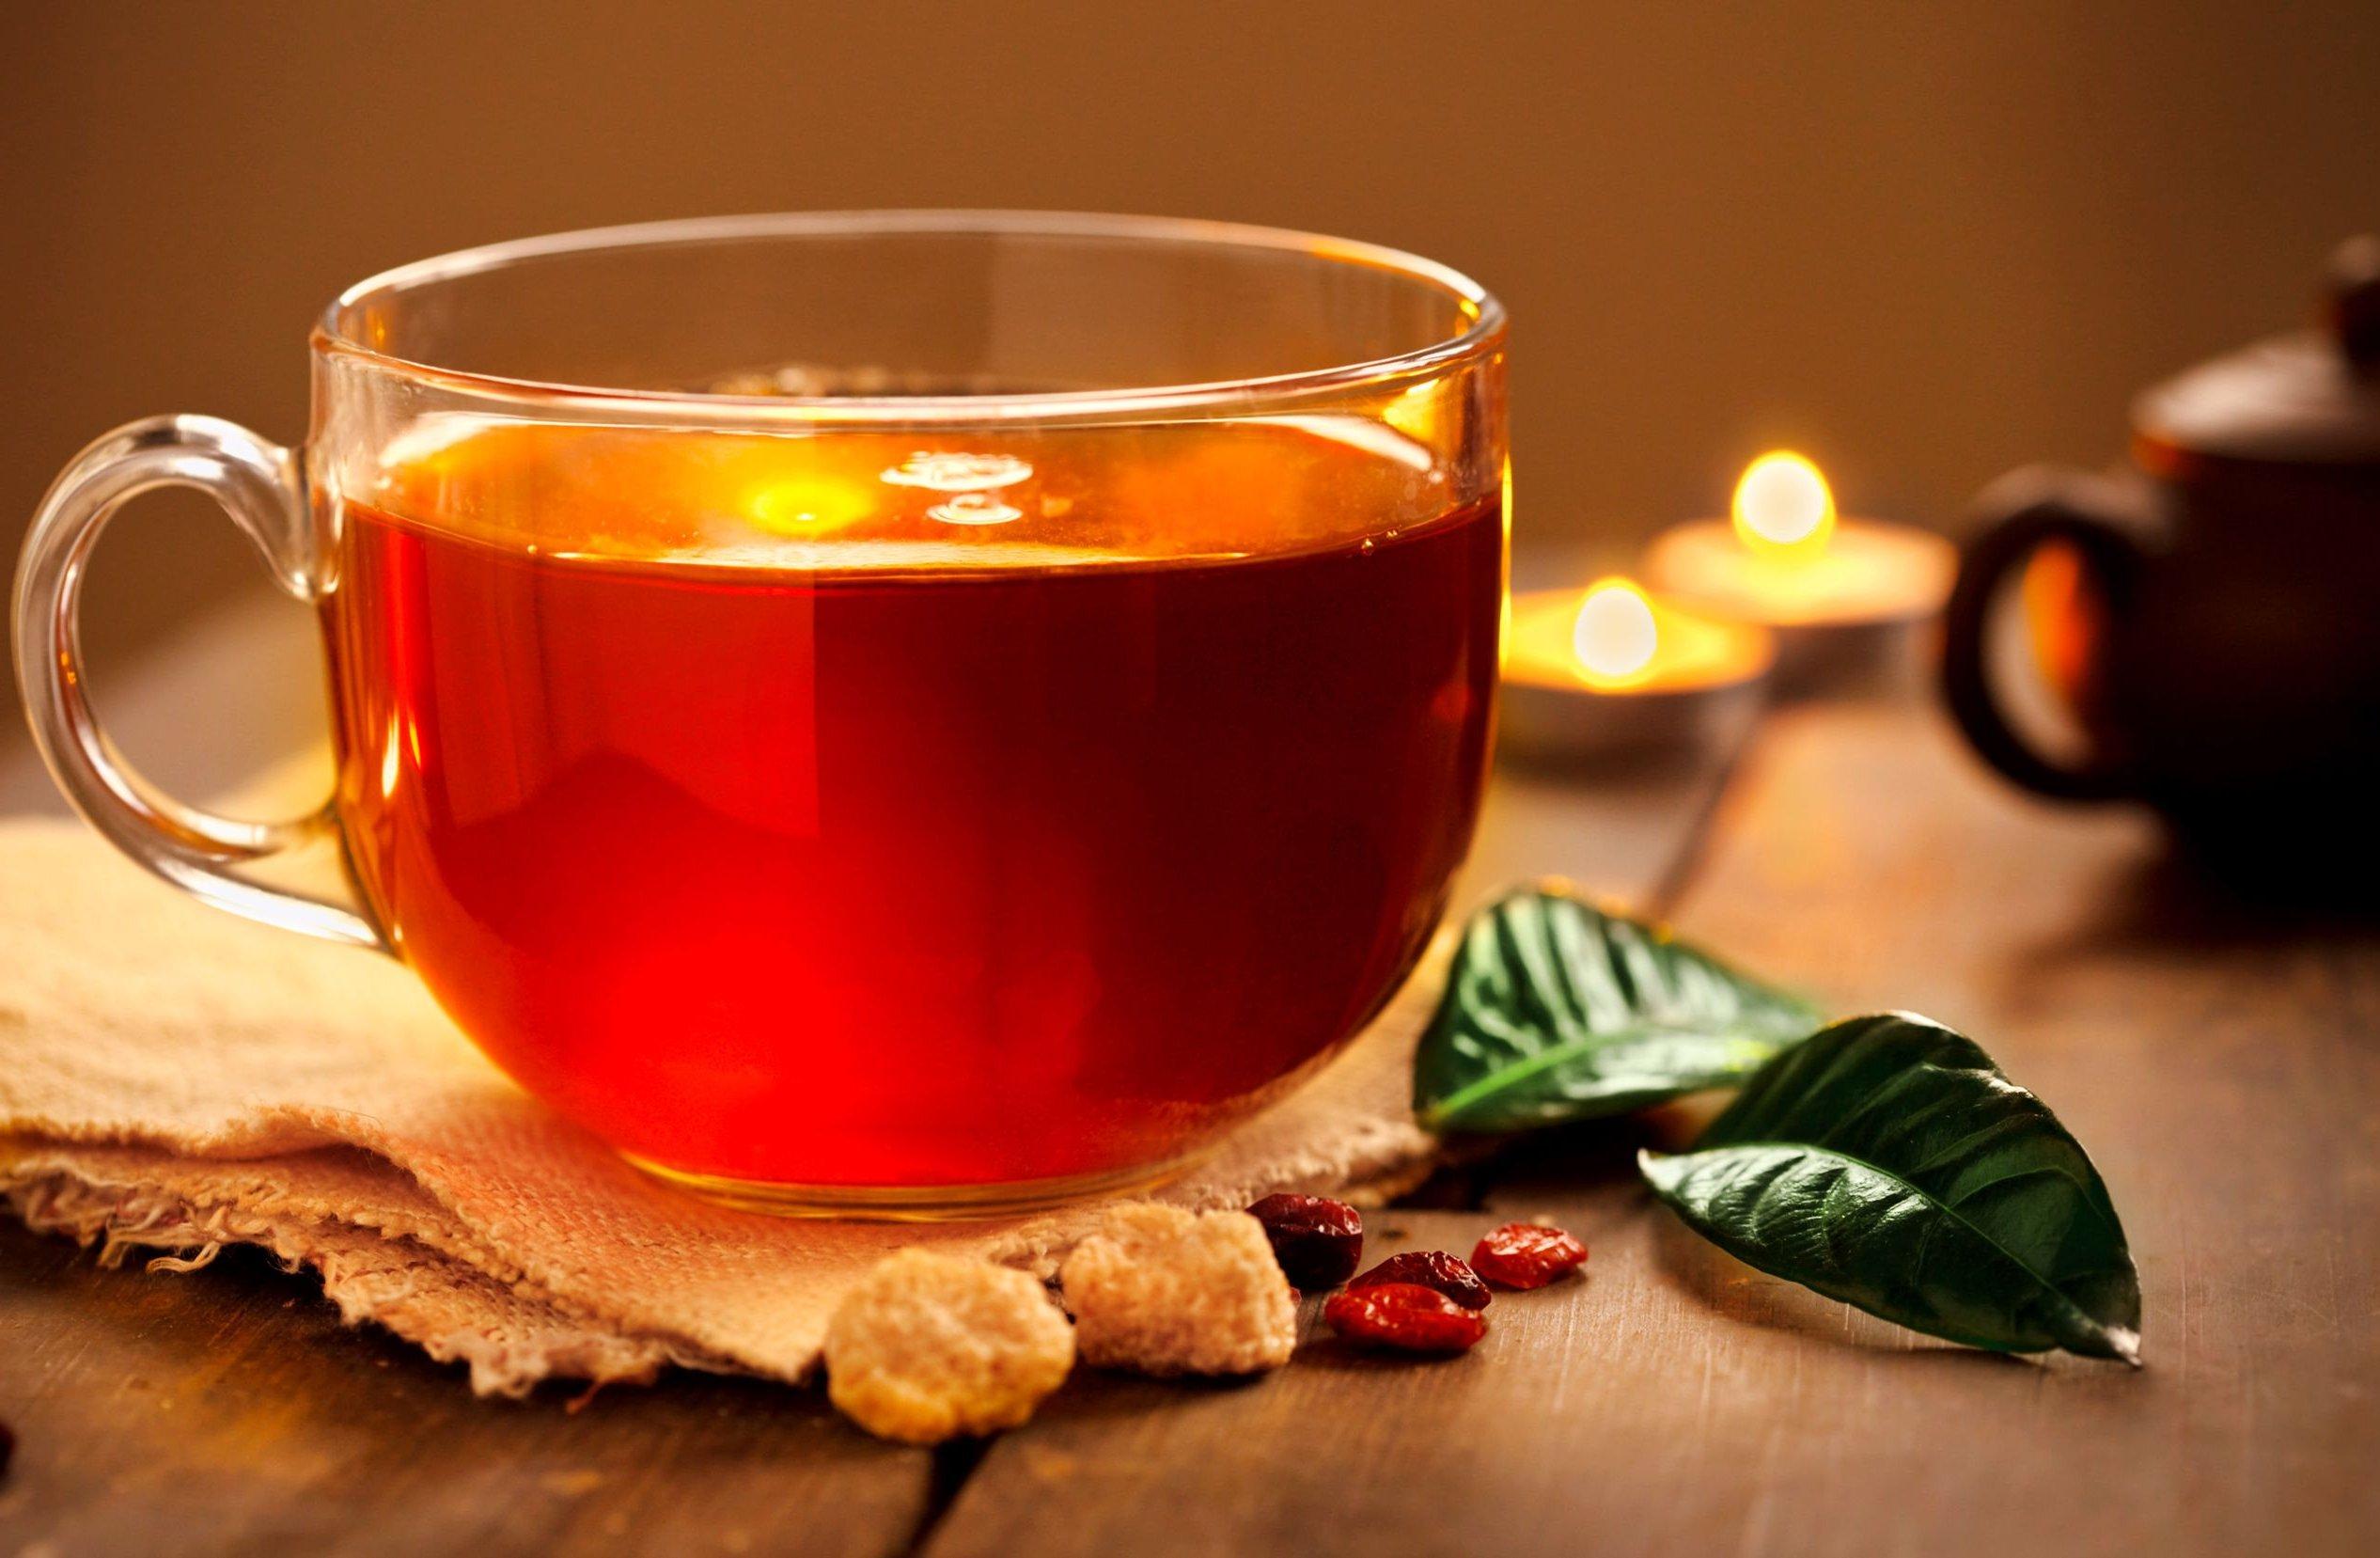 انواع چای بسته بندی در فروشگاه ها راچند بخریم؟ + قیمت